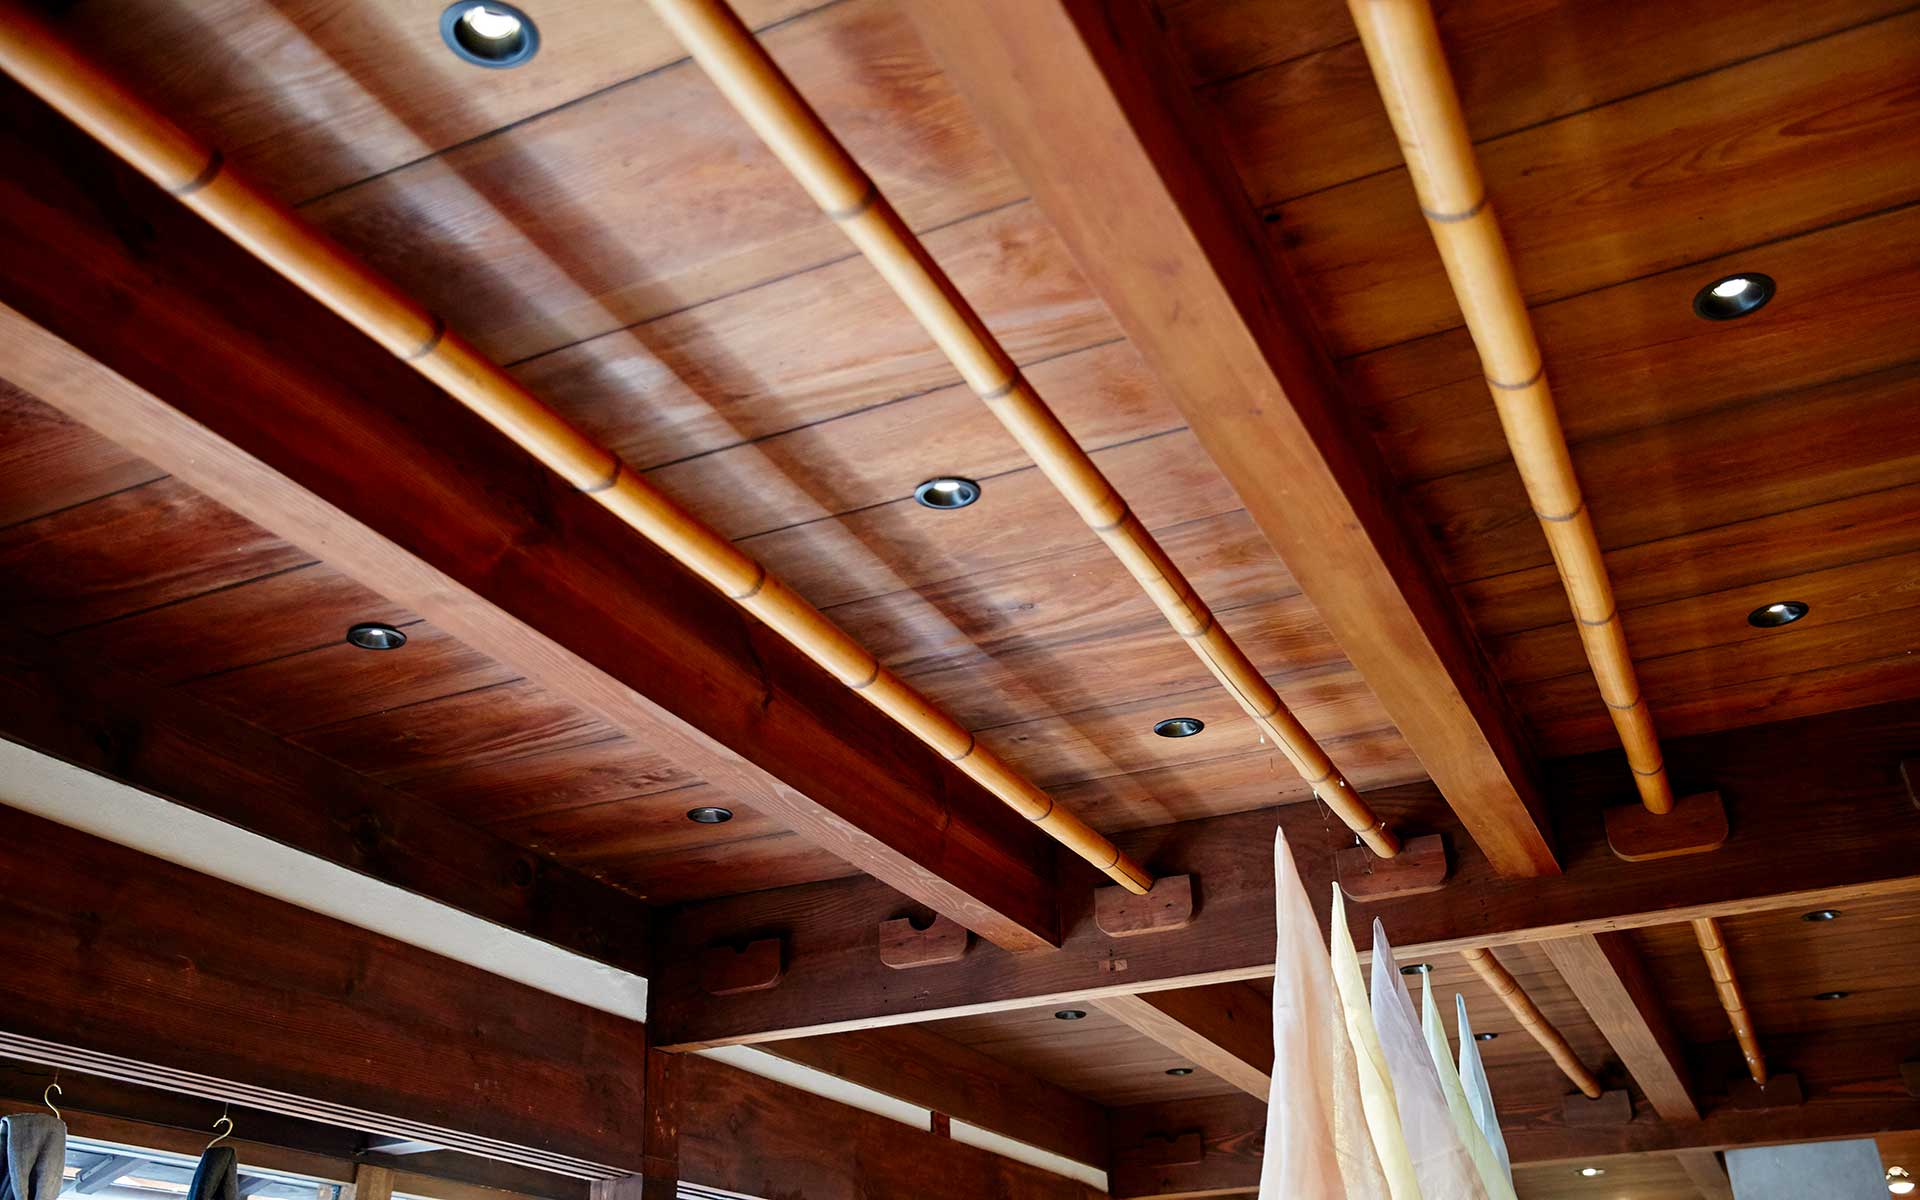 天井に掛けられているのはかつて奈良晒の検反に使われた竹竿